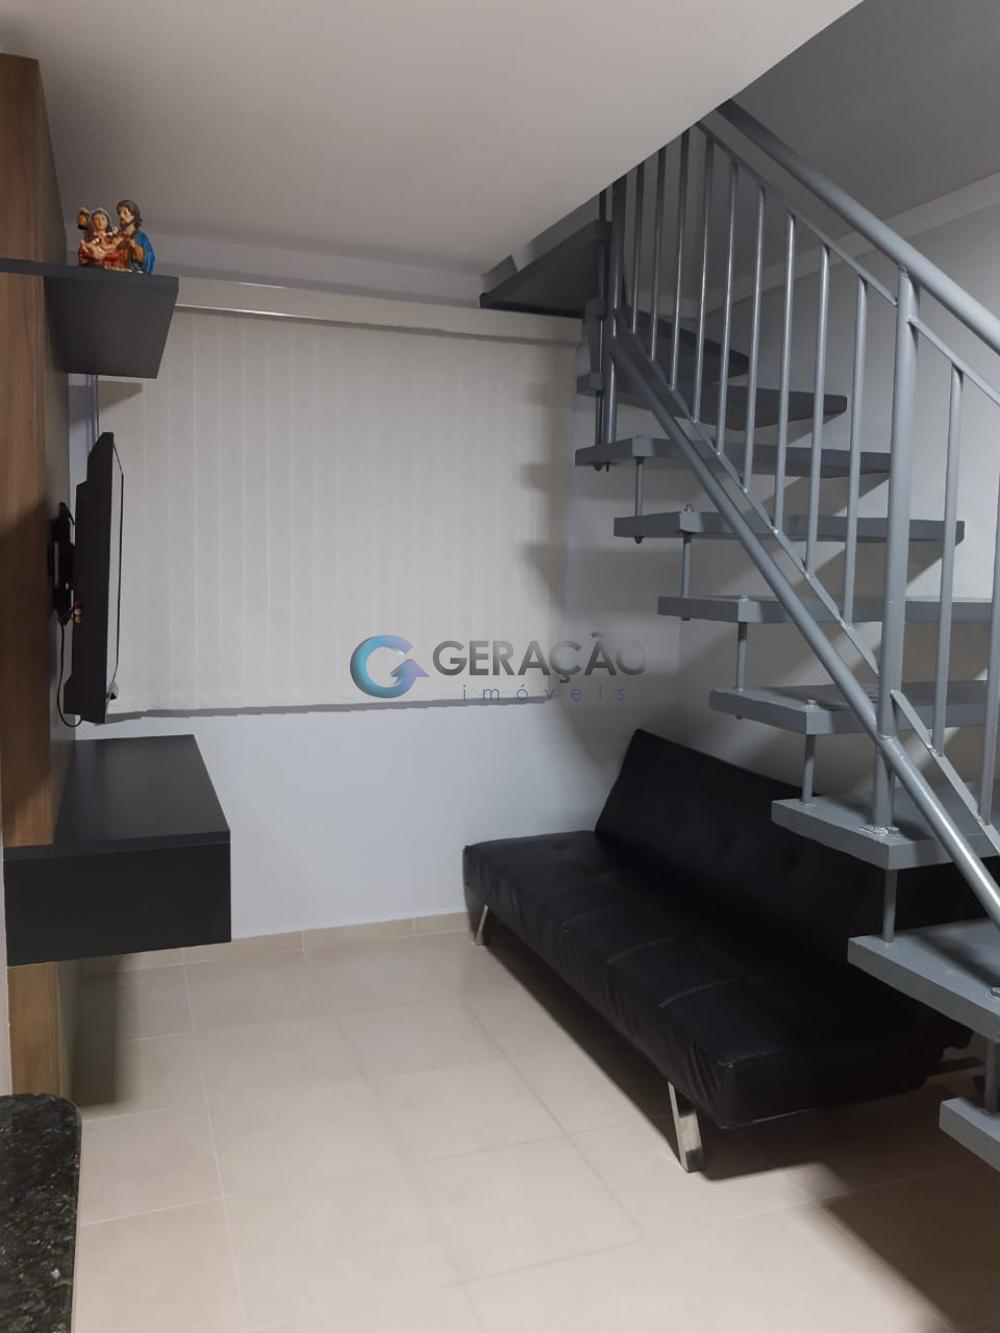 Alugar Apartamento / Padrão em São José dos Campos R$ 1.800,00 - Foto 4